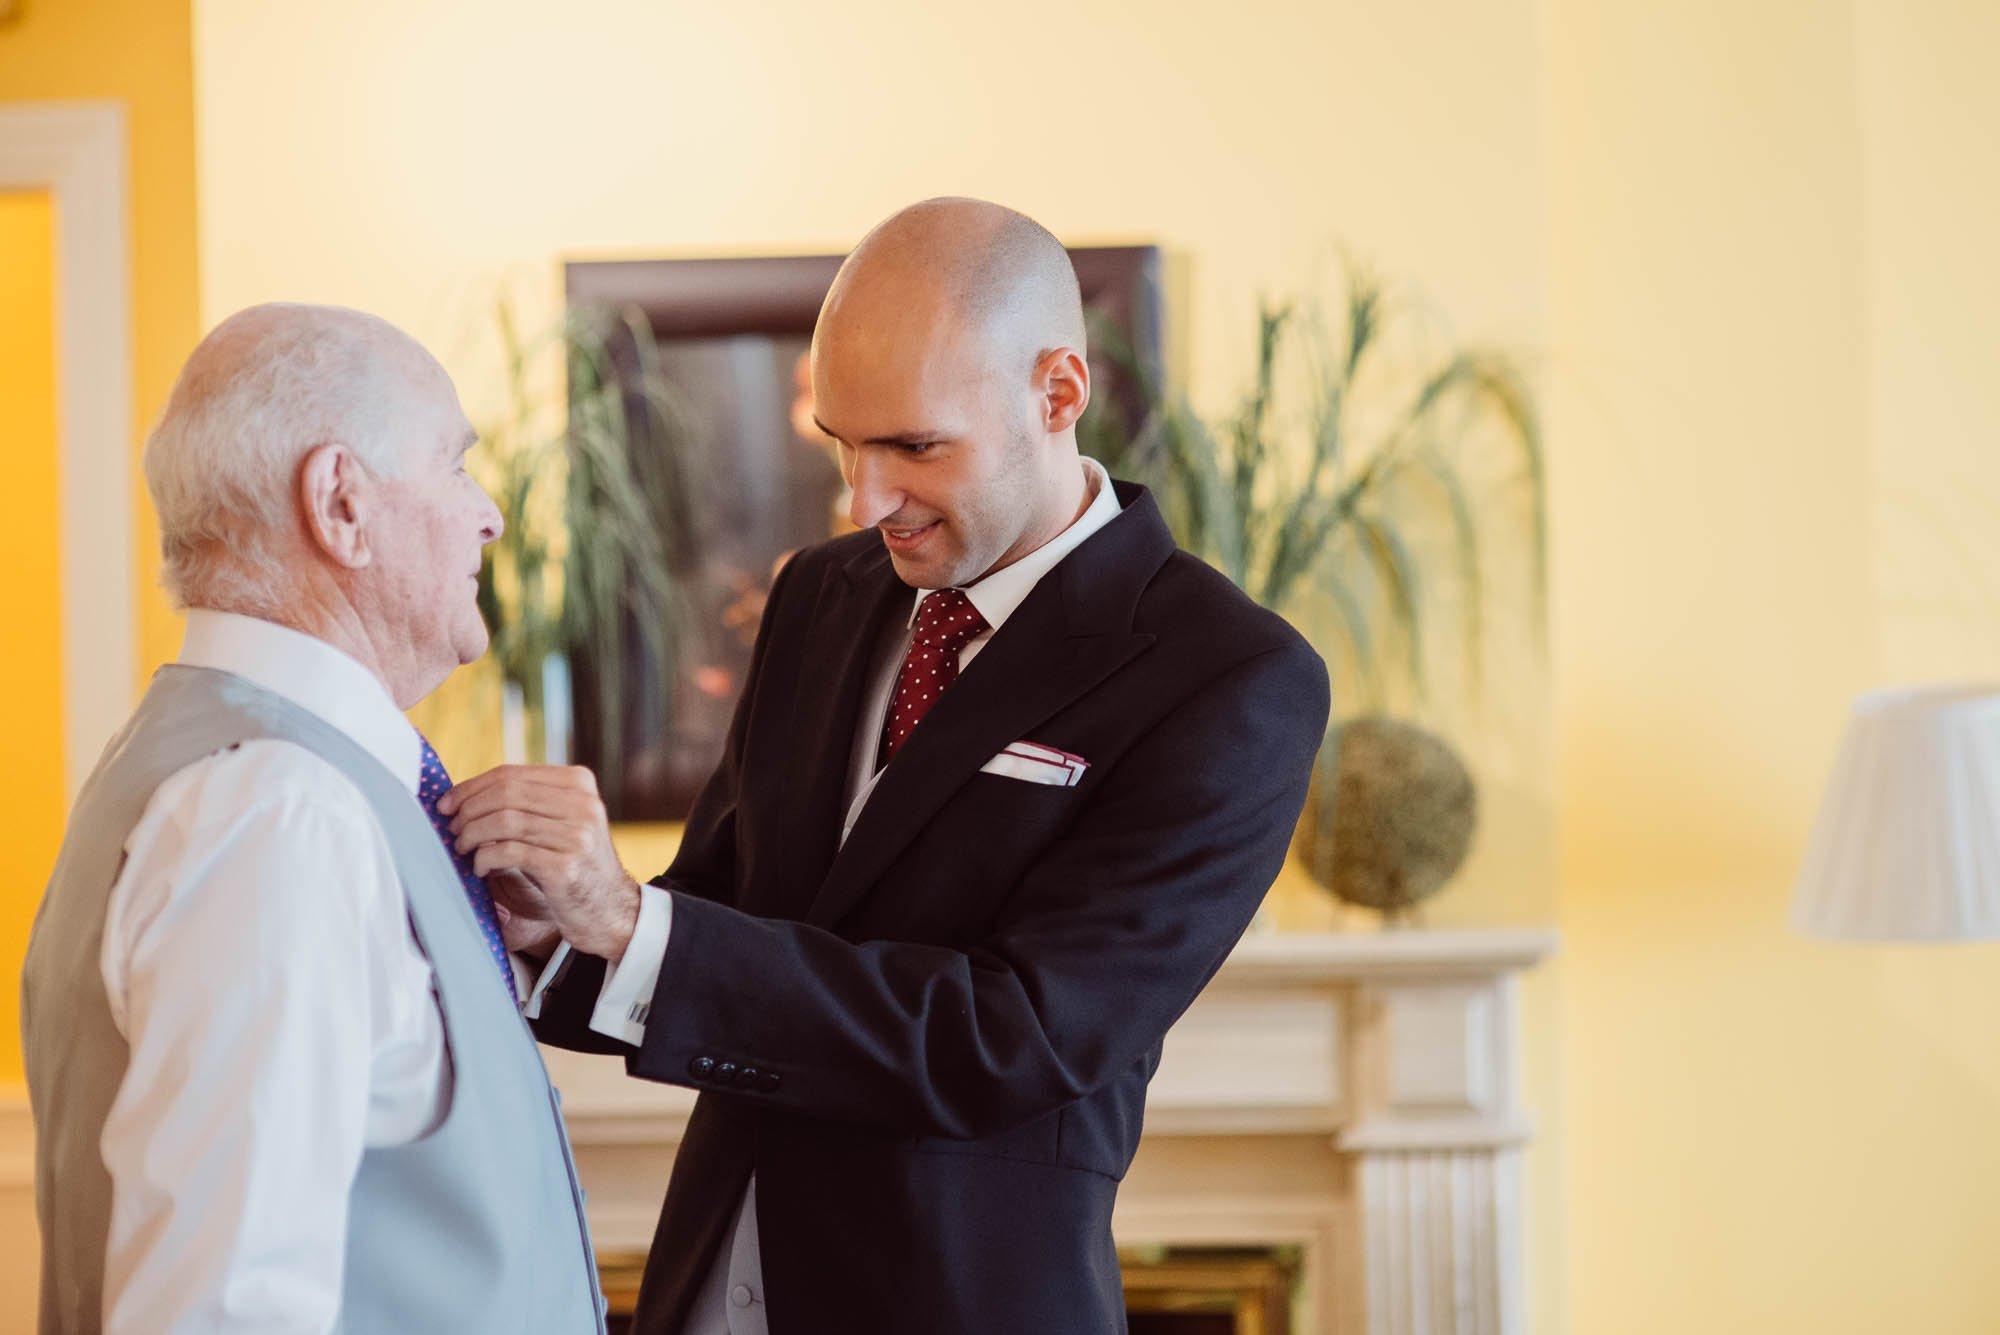 El novio arregla la corbata de su padre el dia de la boda